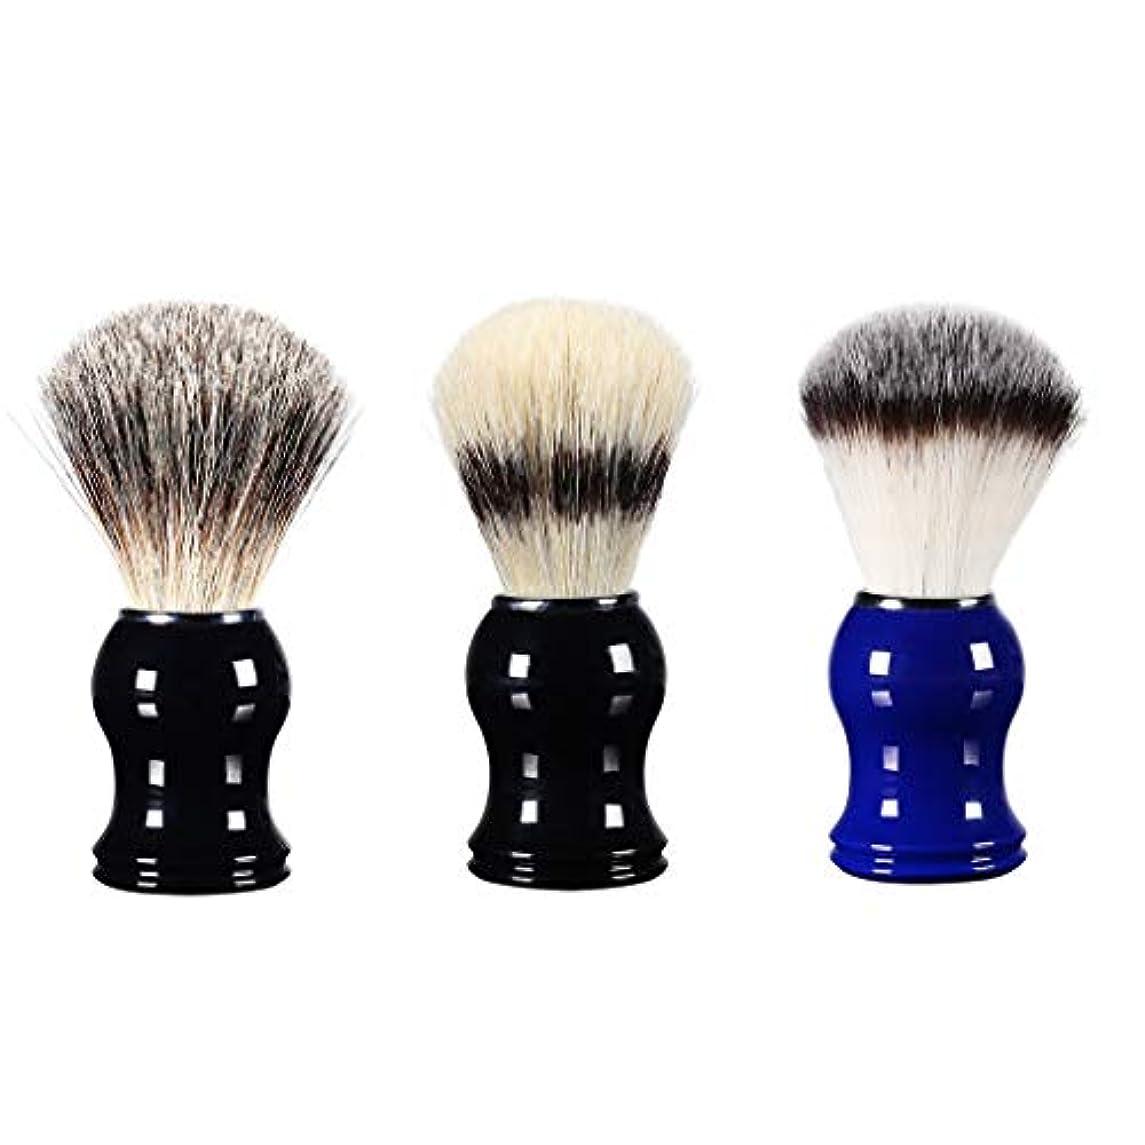 ピカソ無意識クラックP Prettyia シェービング用ブラシ メンズ 理容 洗顔 髭剃り 泡立ち 3個入